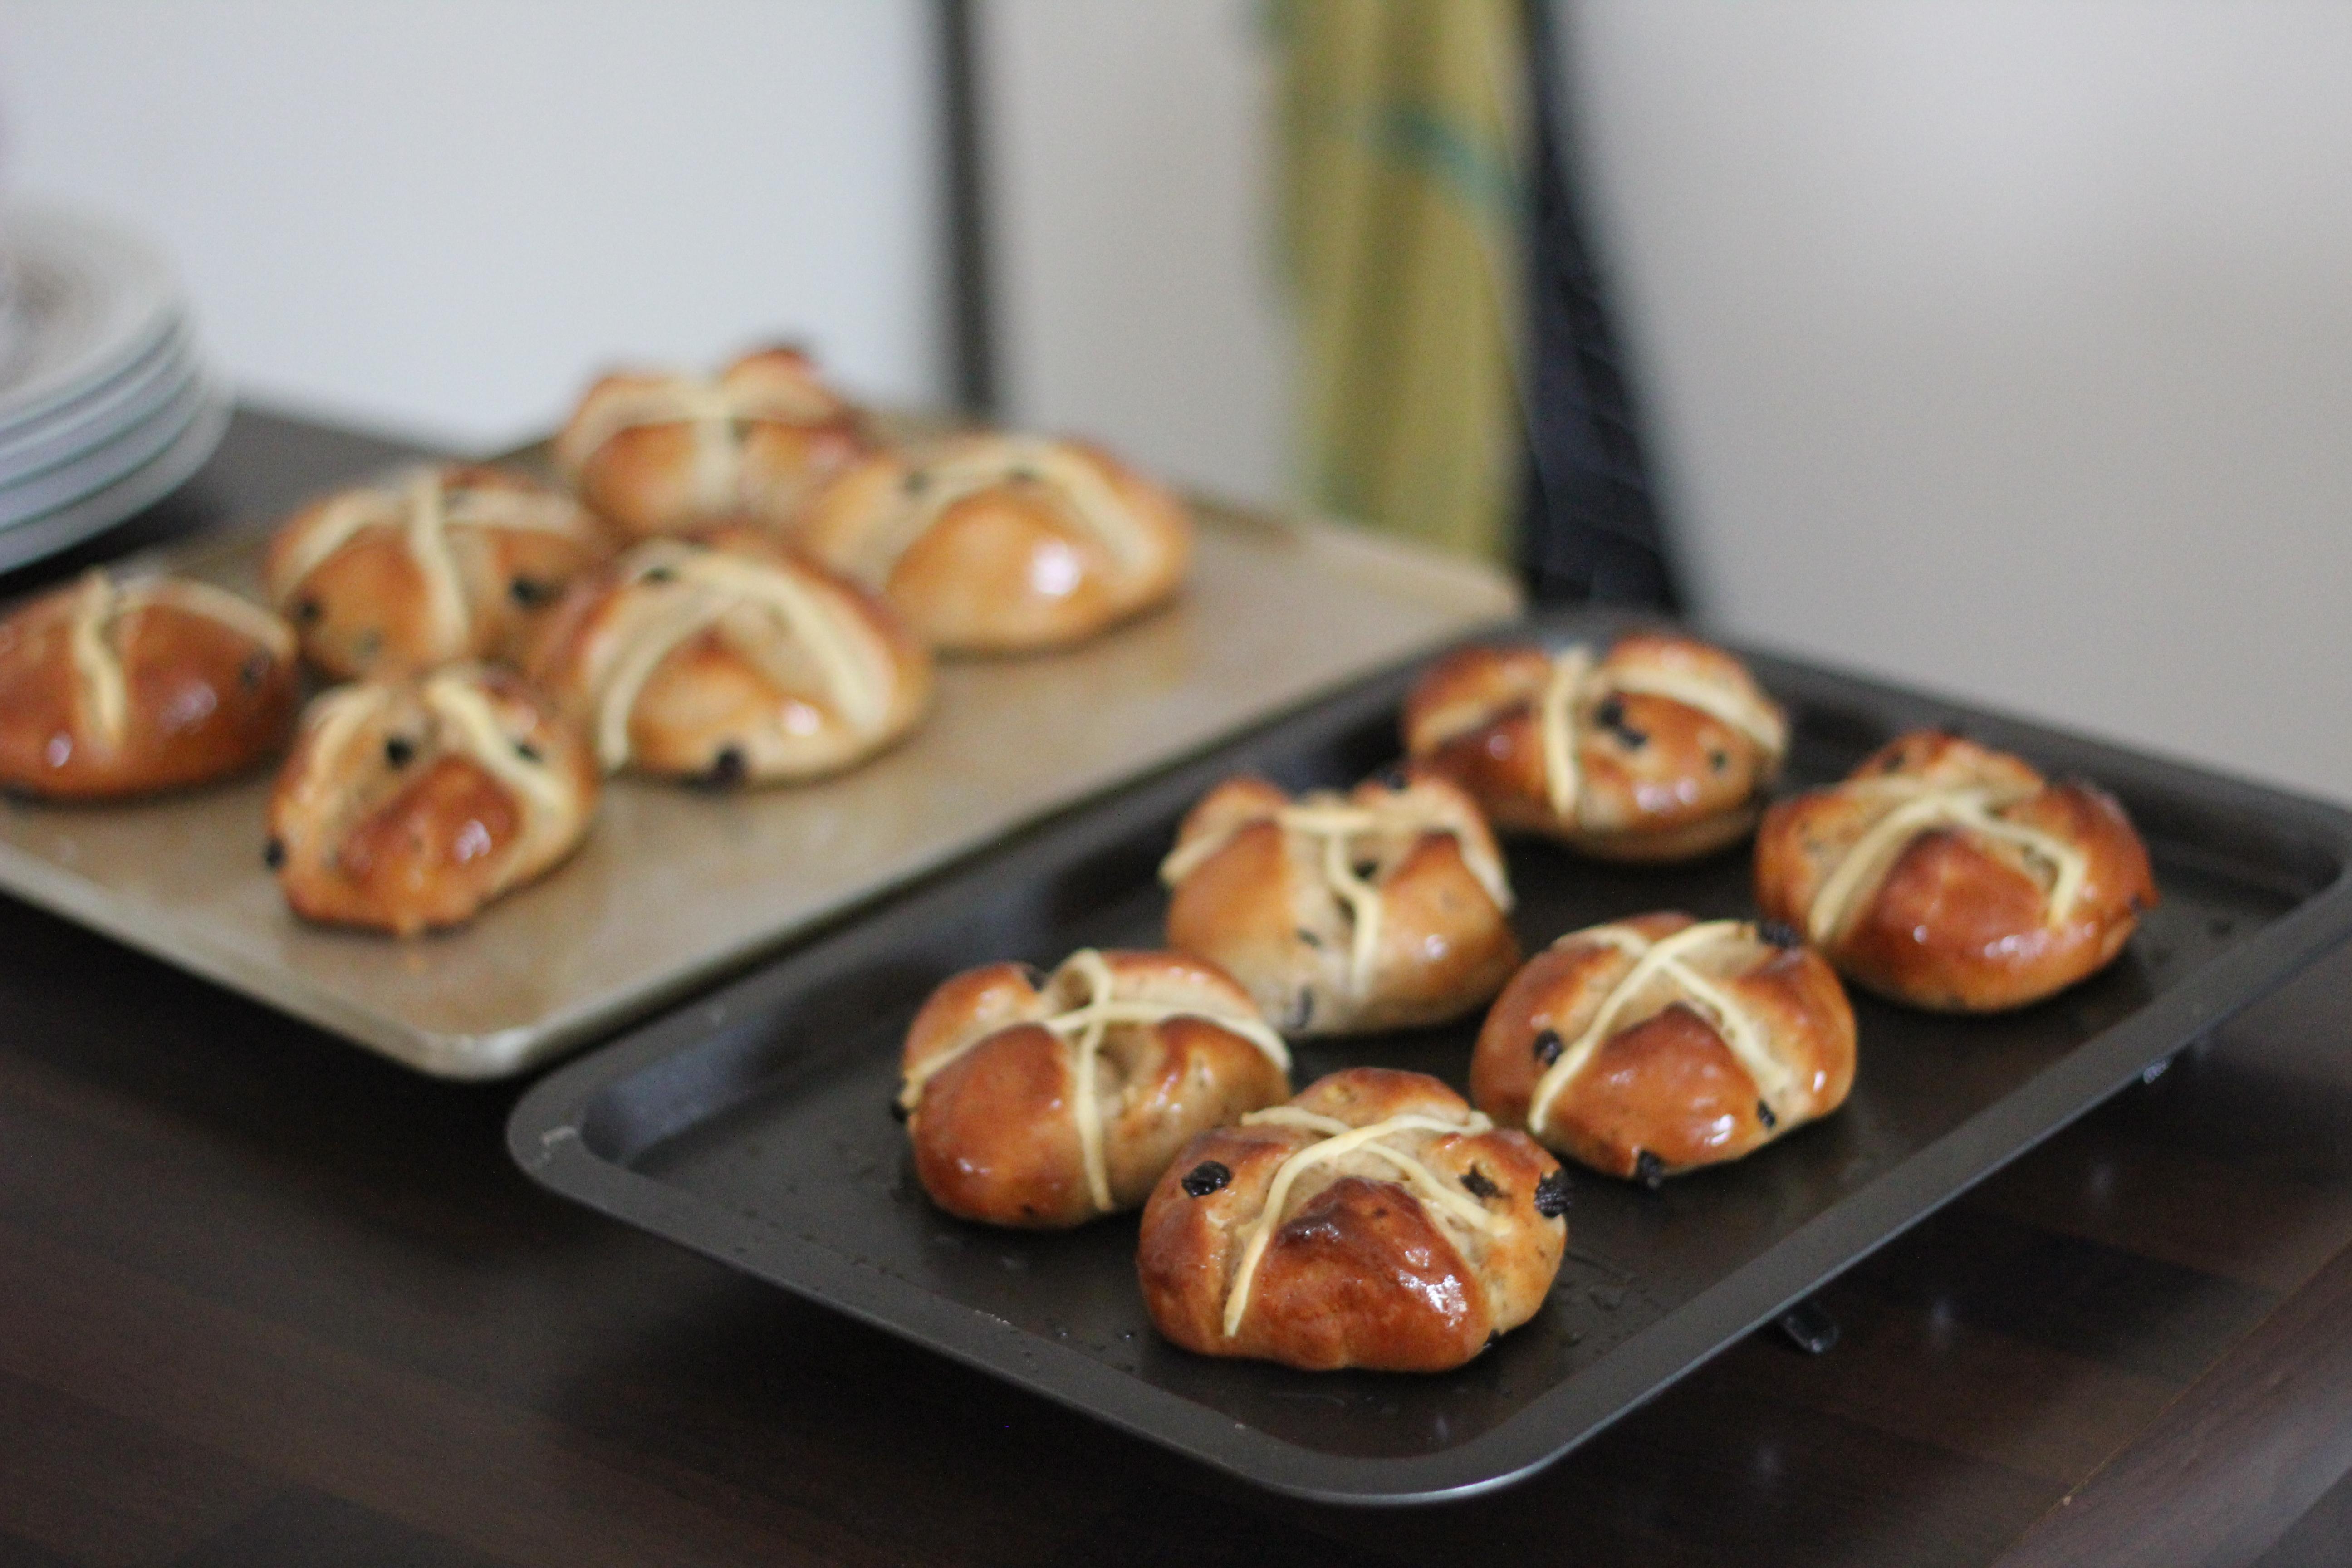 Hot cross buns de p ques a piece of nath for Entree froide facile pour paques